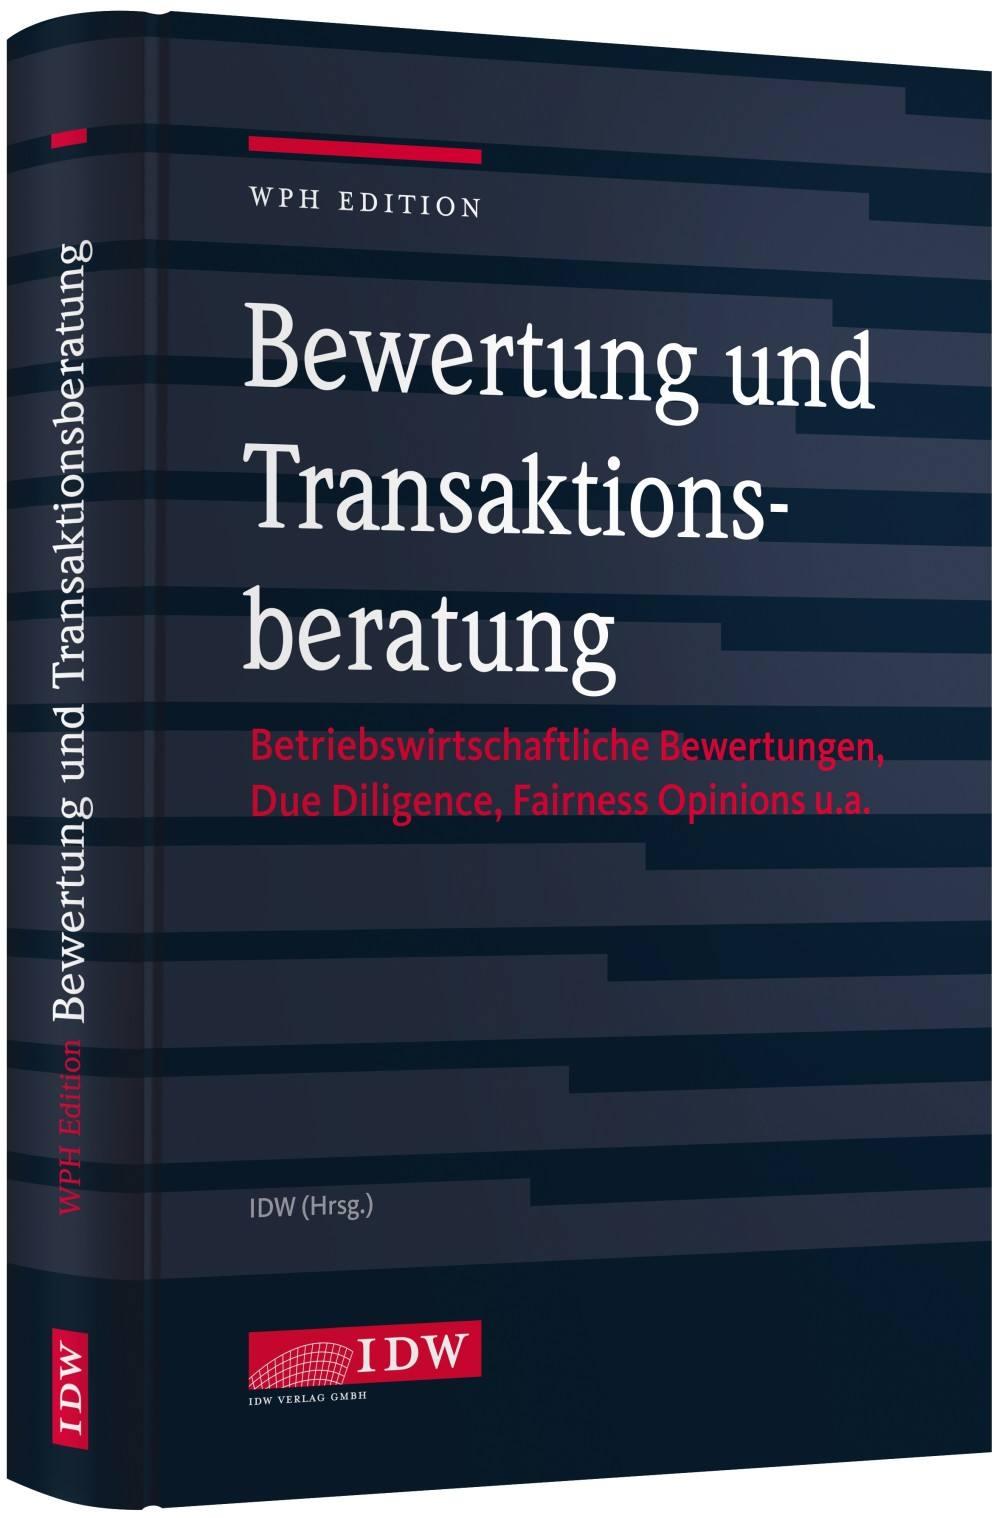 Bewertung und Transaktionsberatung